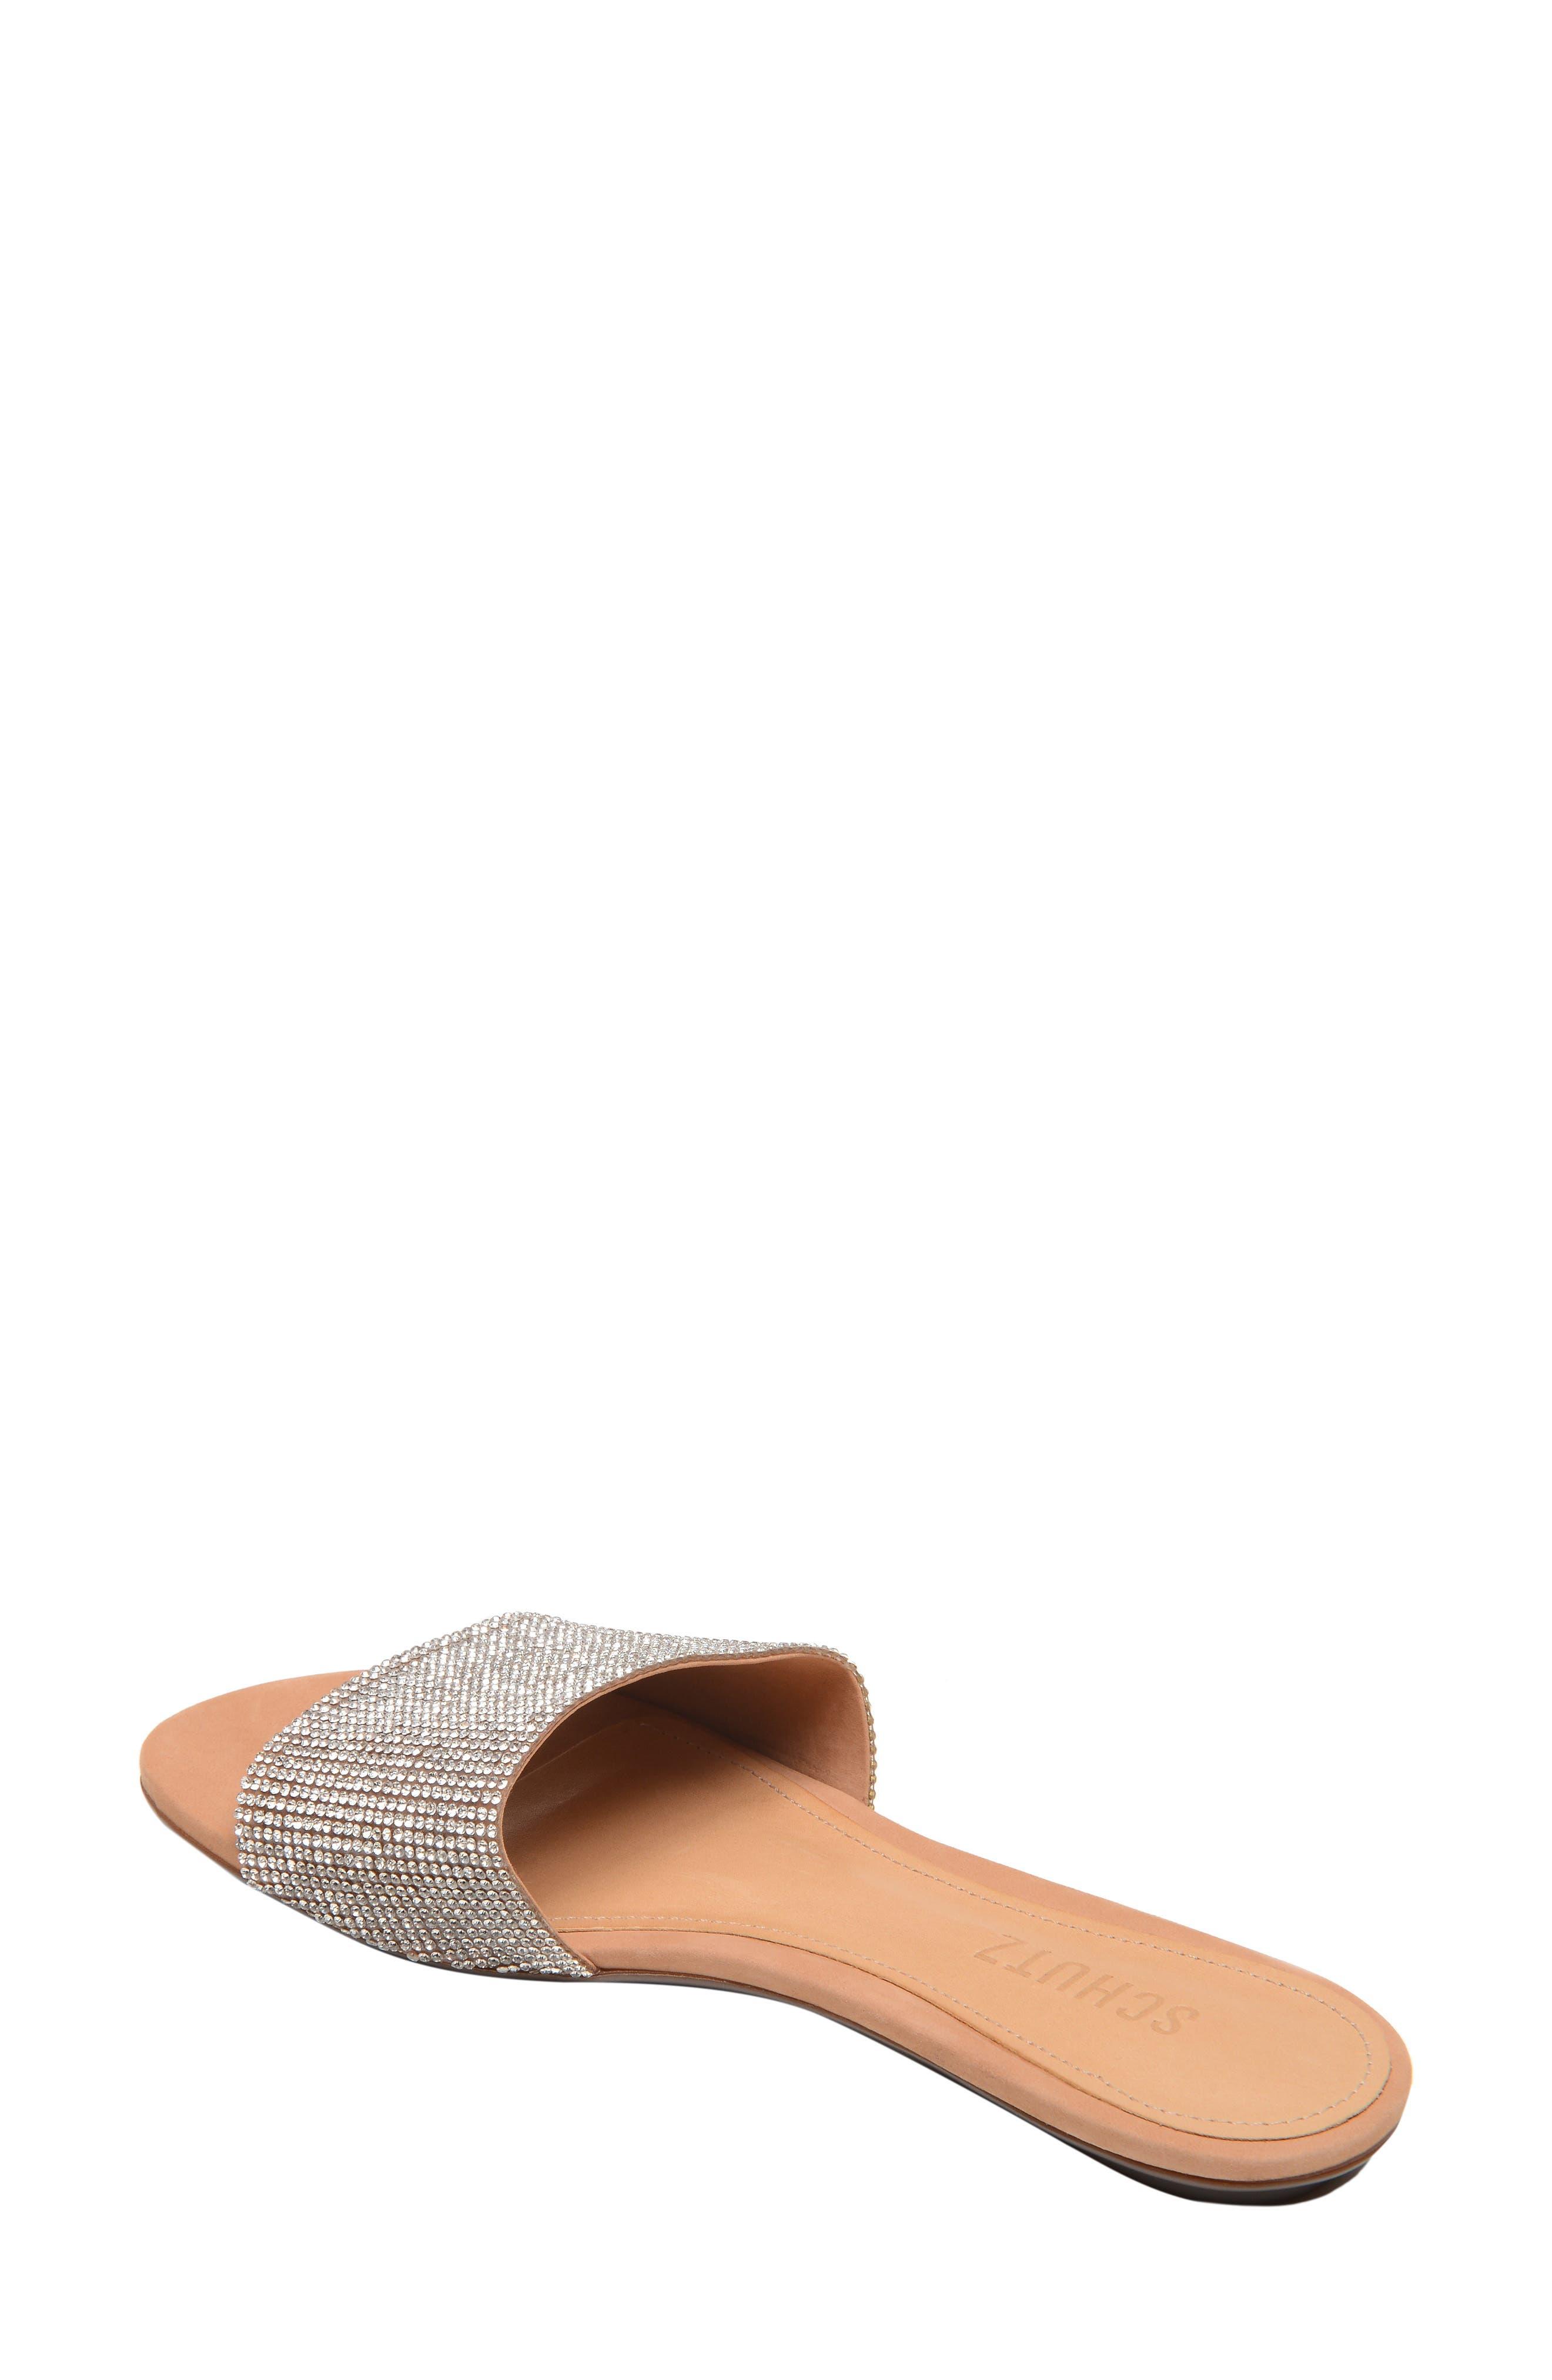 Queren Embellished Slide Sandal,                             Alternate thumbnail 2, color,                             CRISTAL